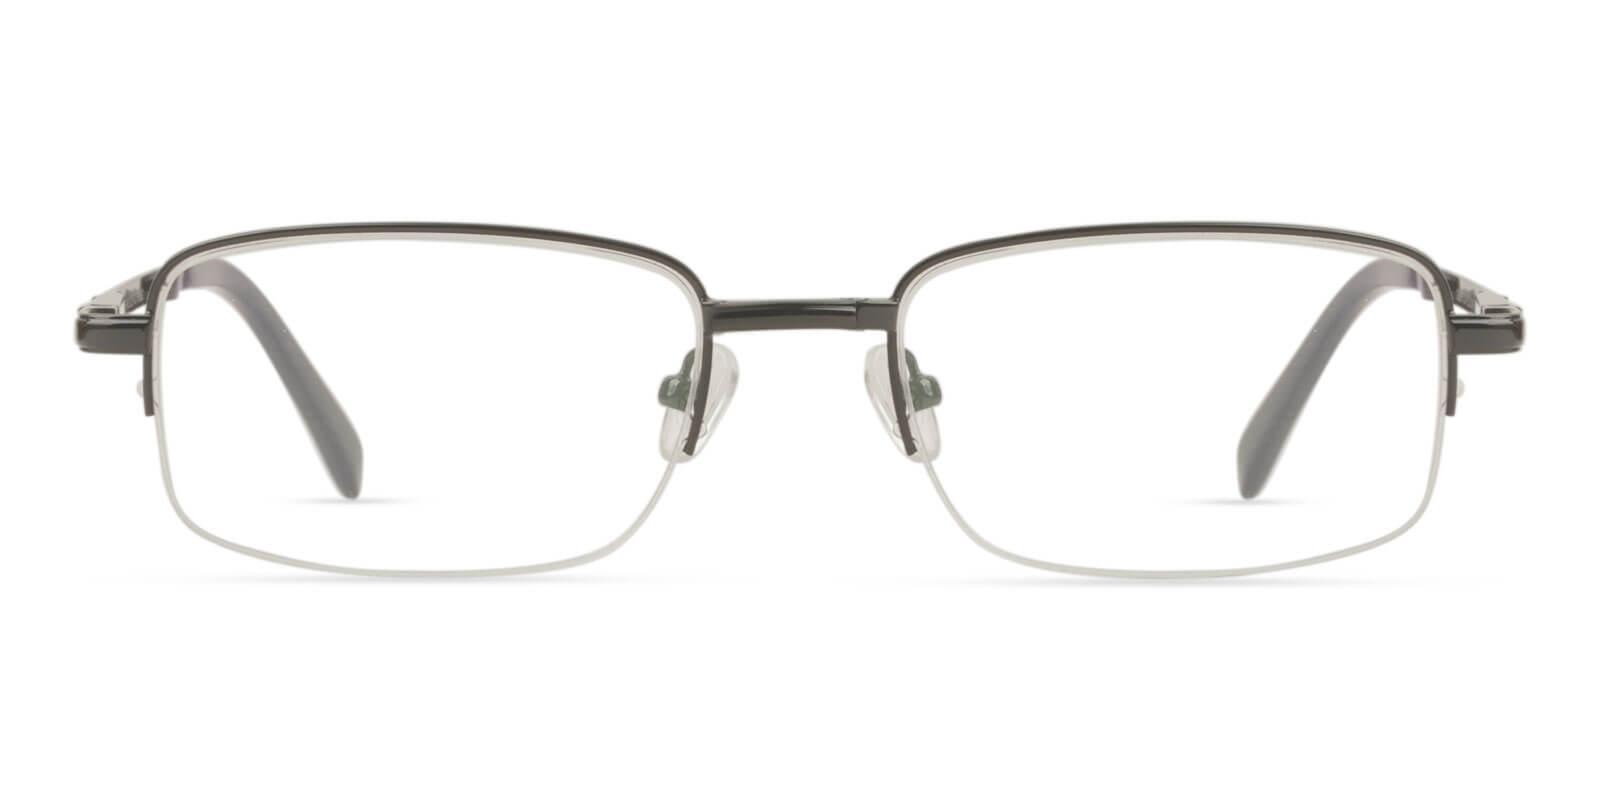 Carson Black Metal Eyeglasses , Foldable , NosePads Frames from ABBE Glasses